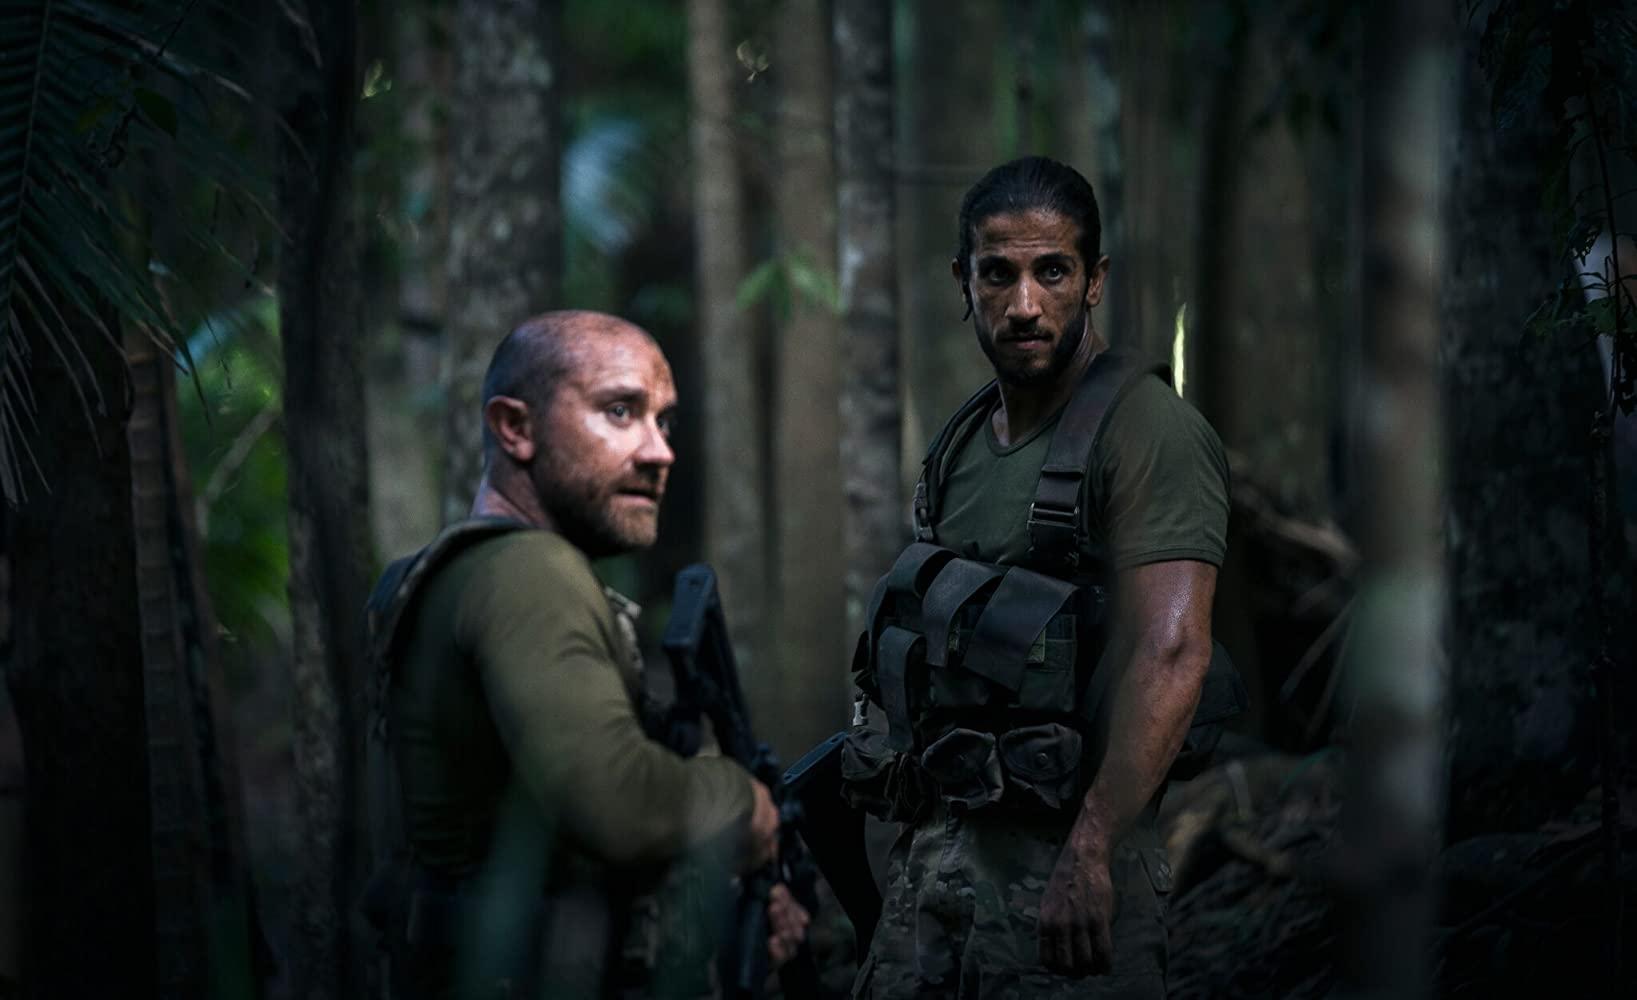 مشاهدة فيلم Escape and Evasion (2019) مترجم HD اون لاين